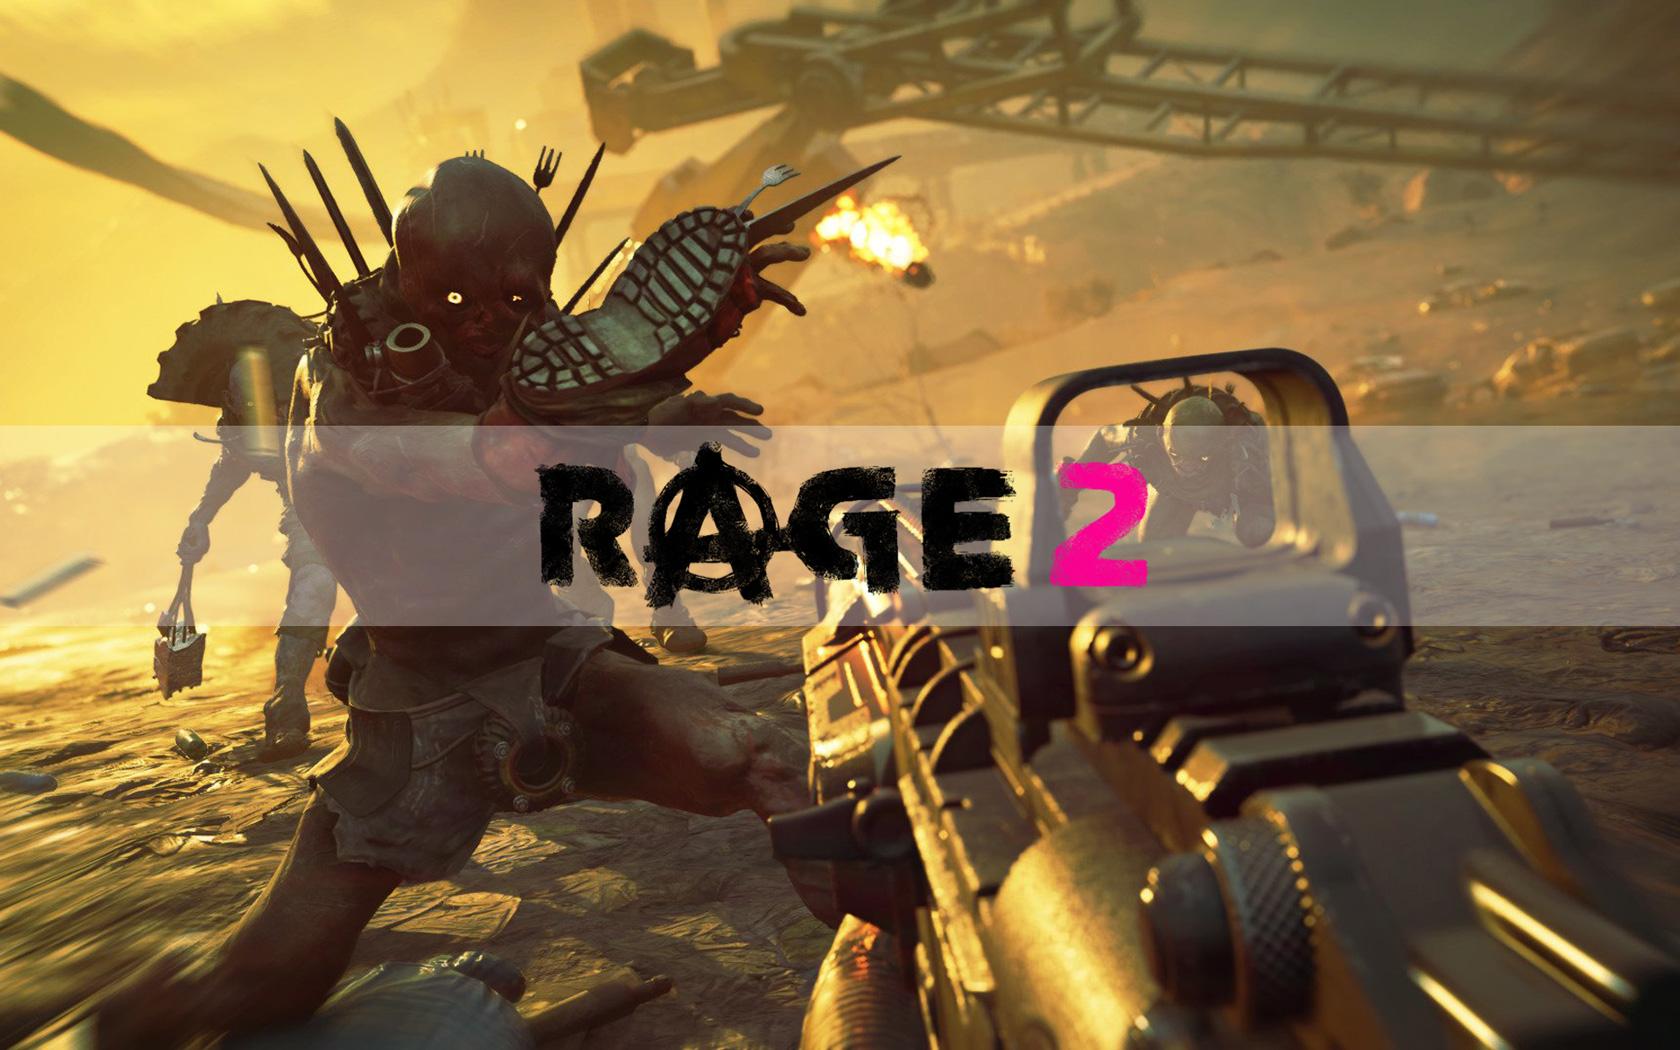 Rage 2 Wallpaper in 1680x1050